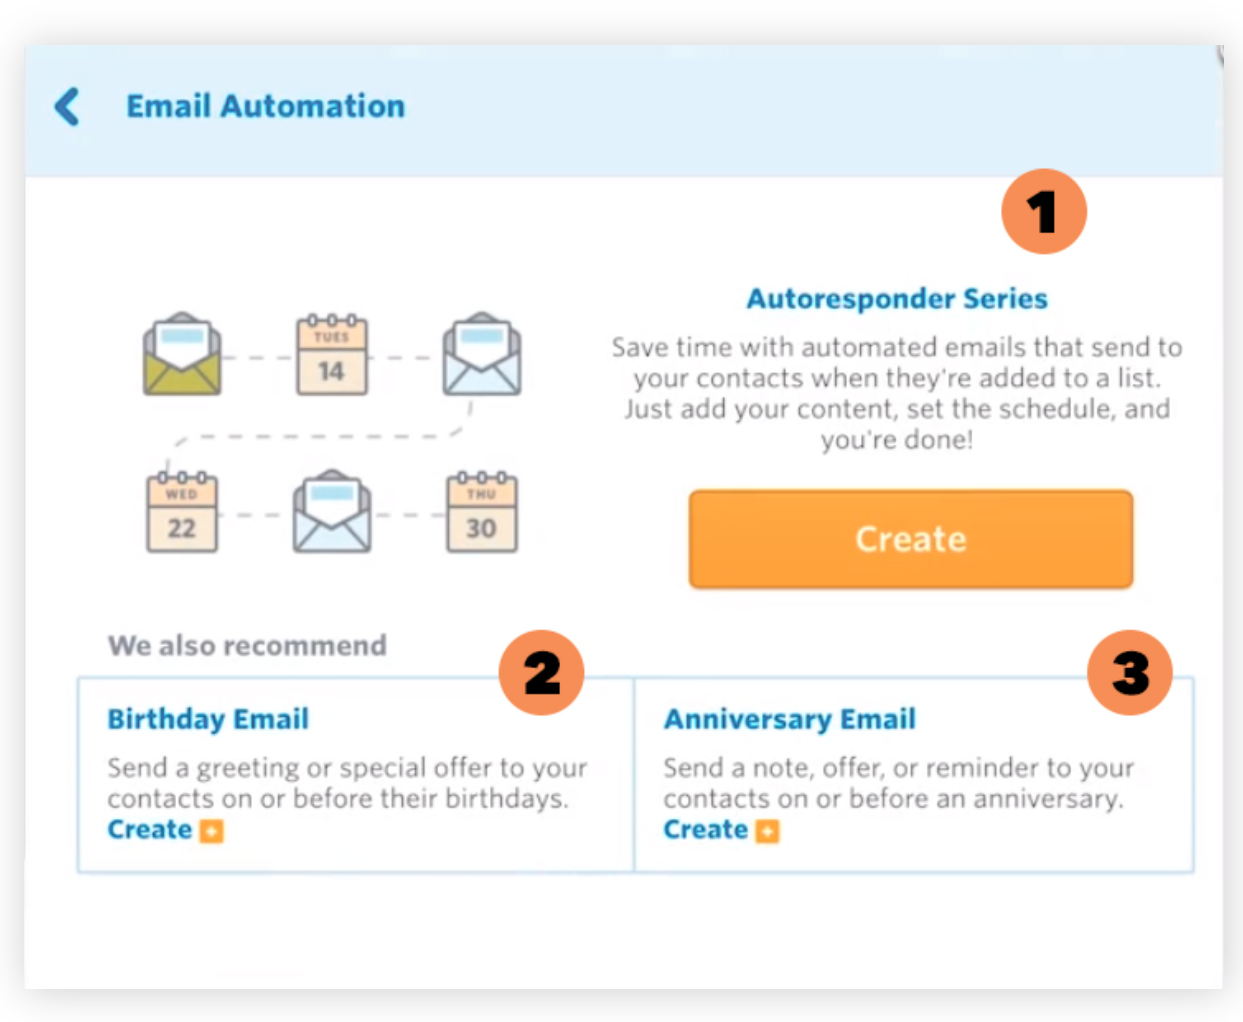 выбор сценария автоматизации в Constant Contact